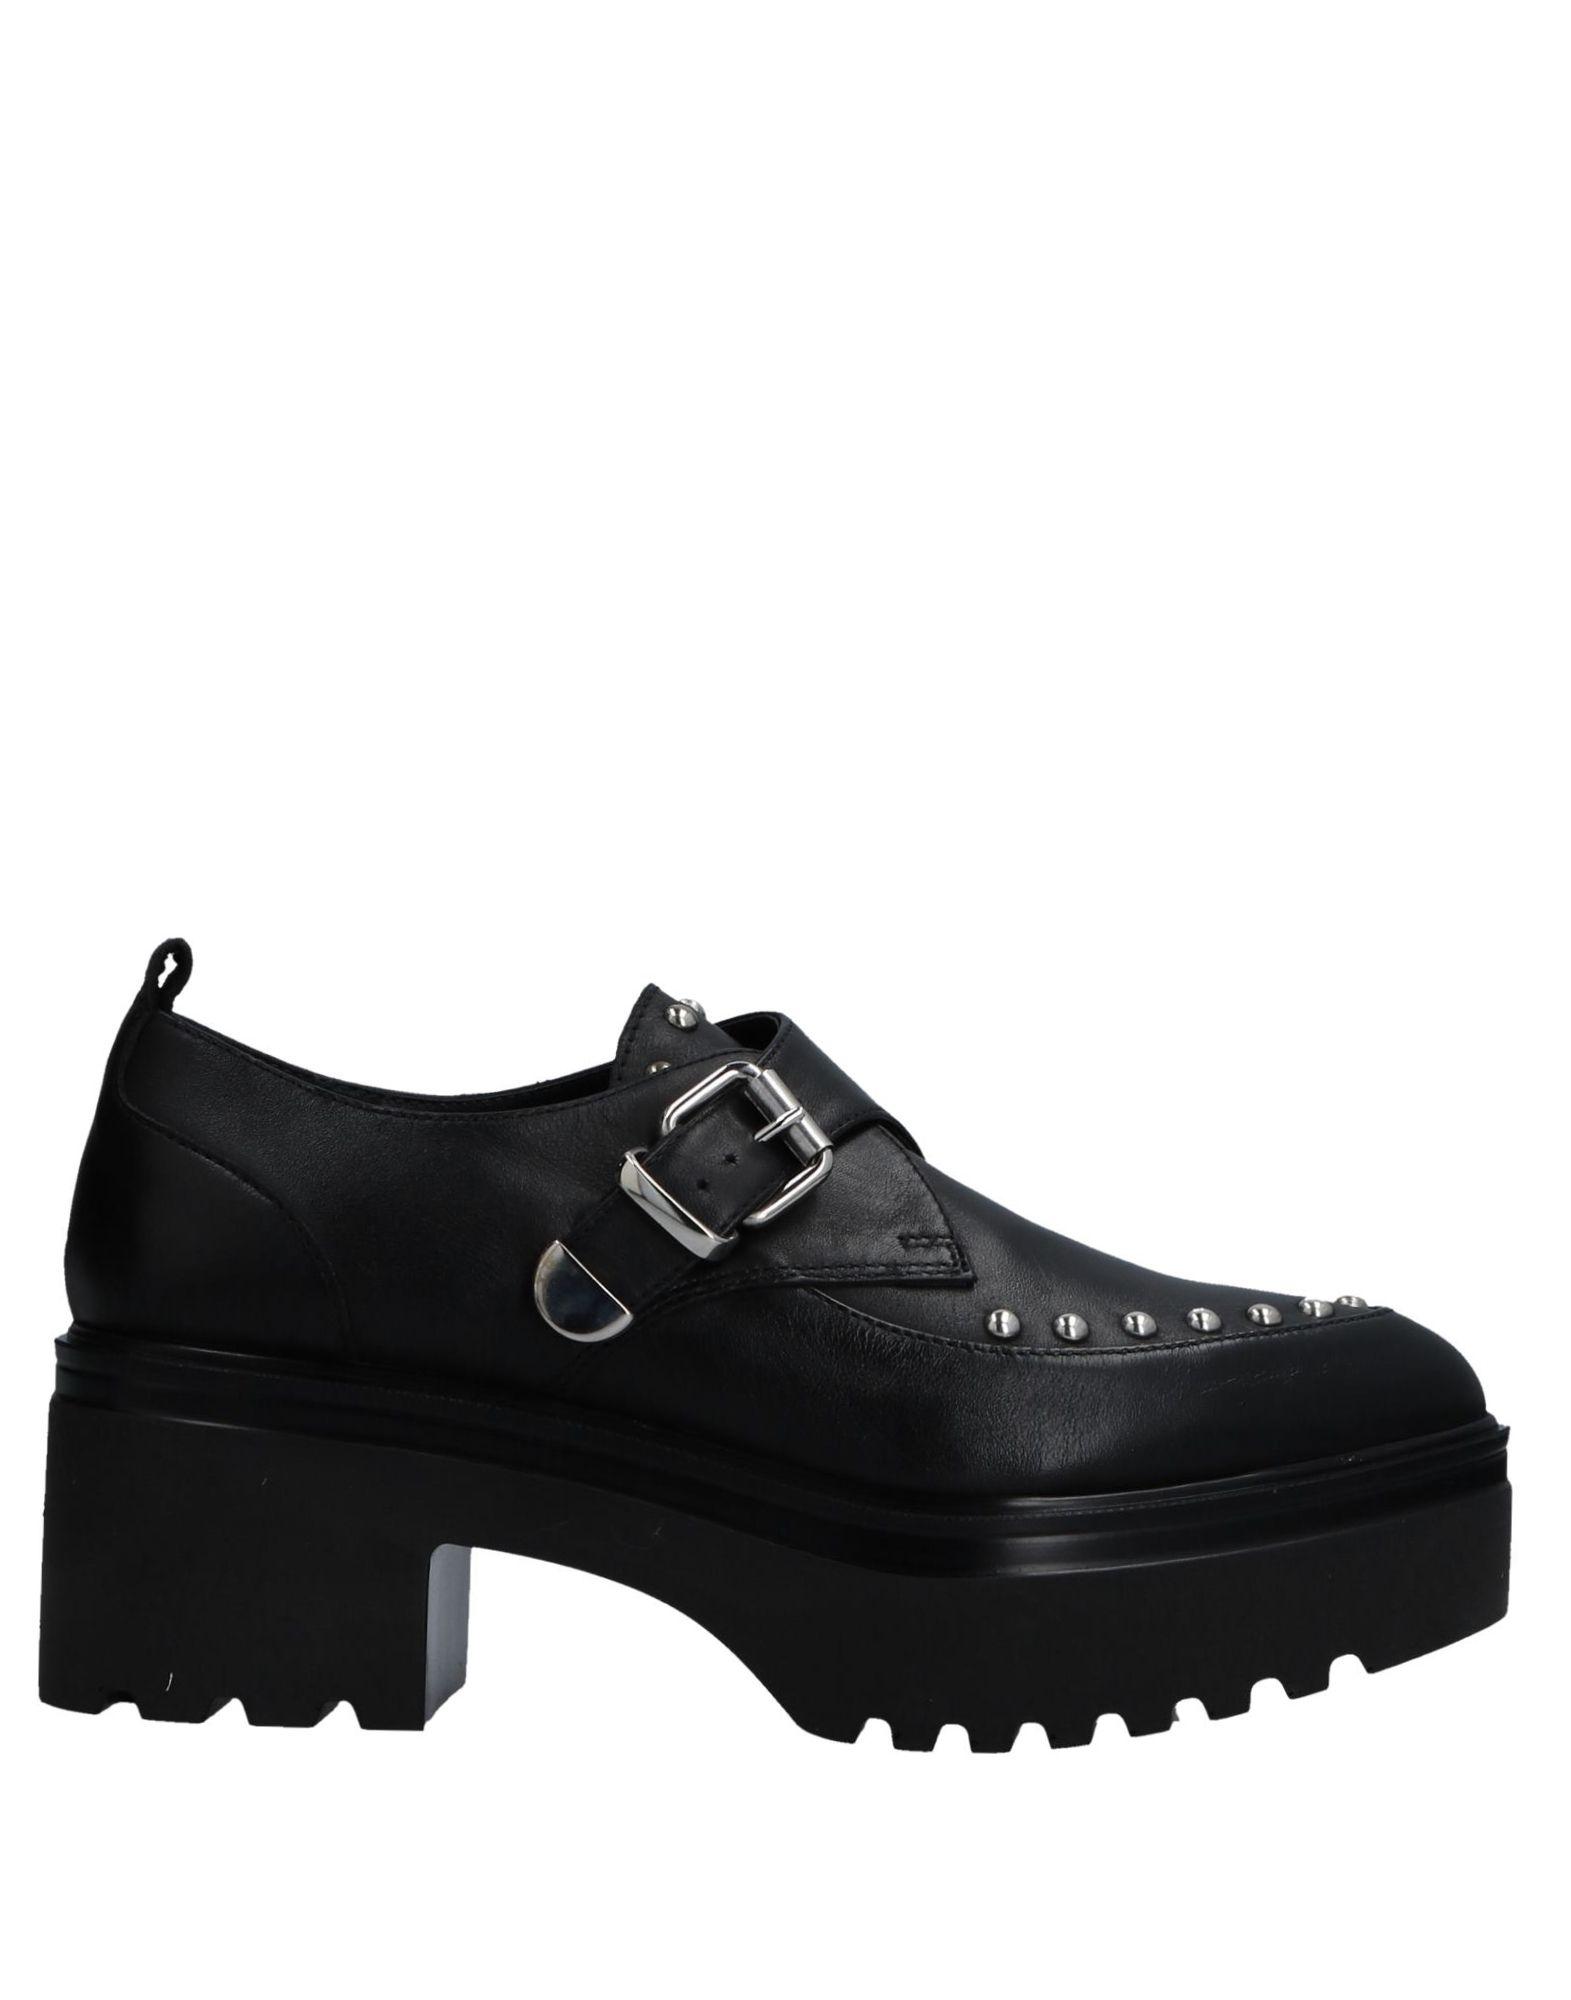 Janet Sport Mokassins Damen  11527773XD Gute Qualität beliebte Schuhe